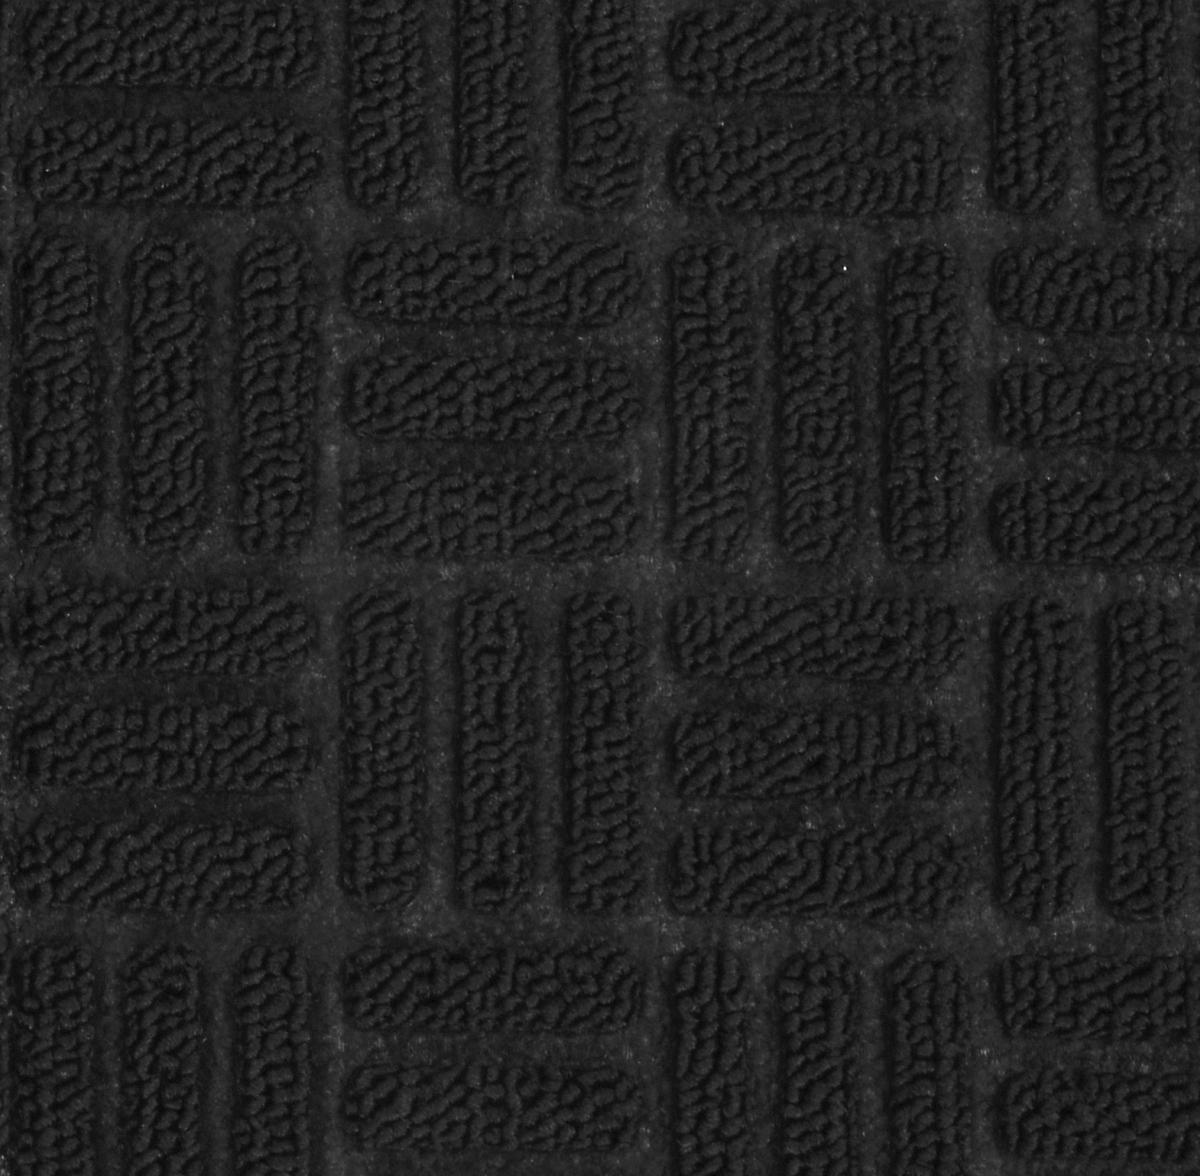 Obdélníková rohožka, 40 x 60 cm